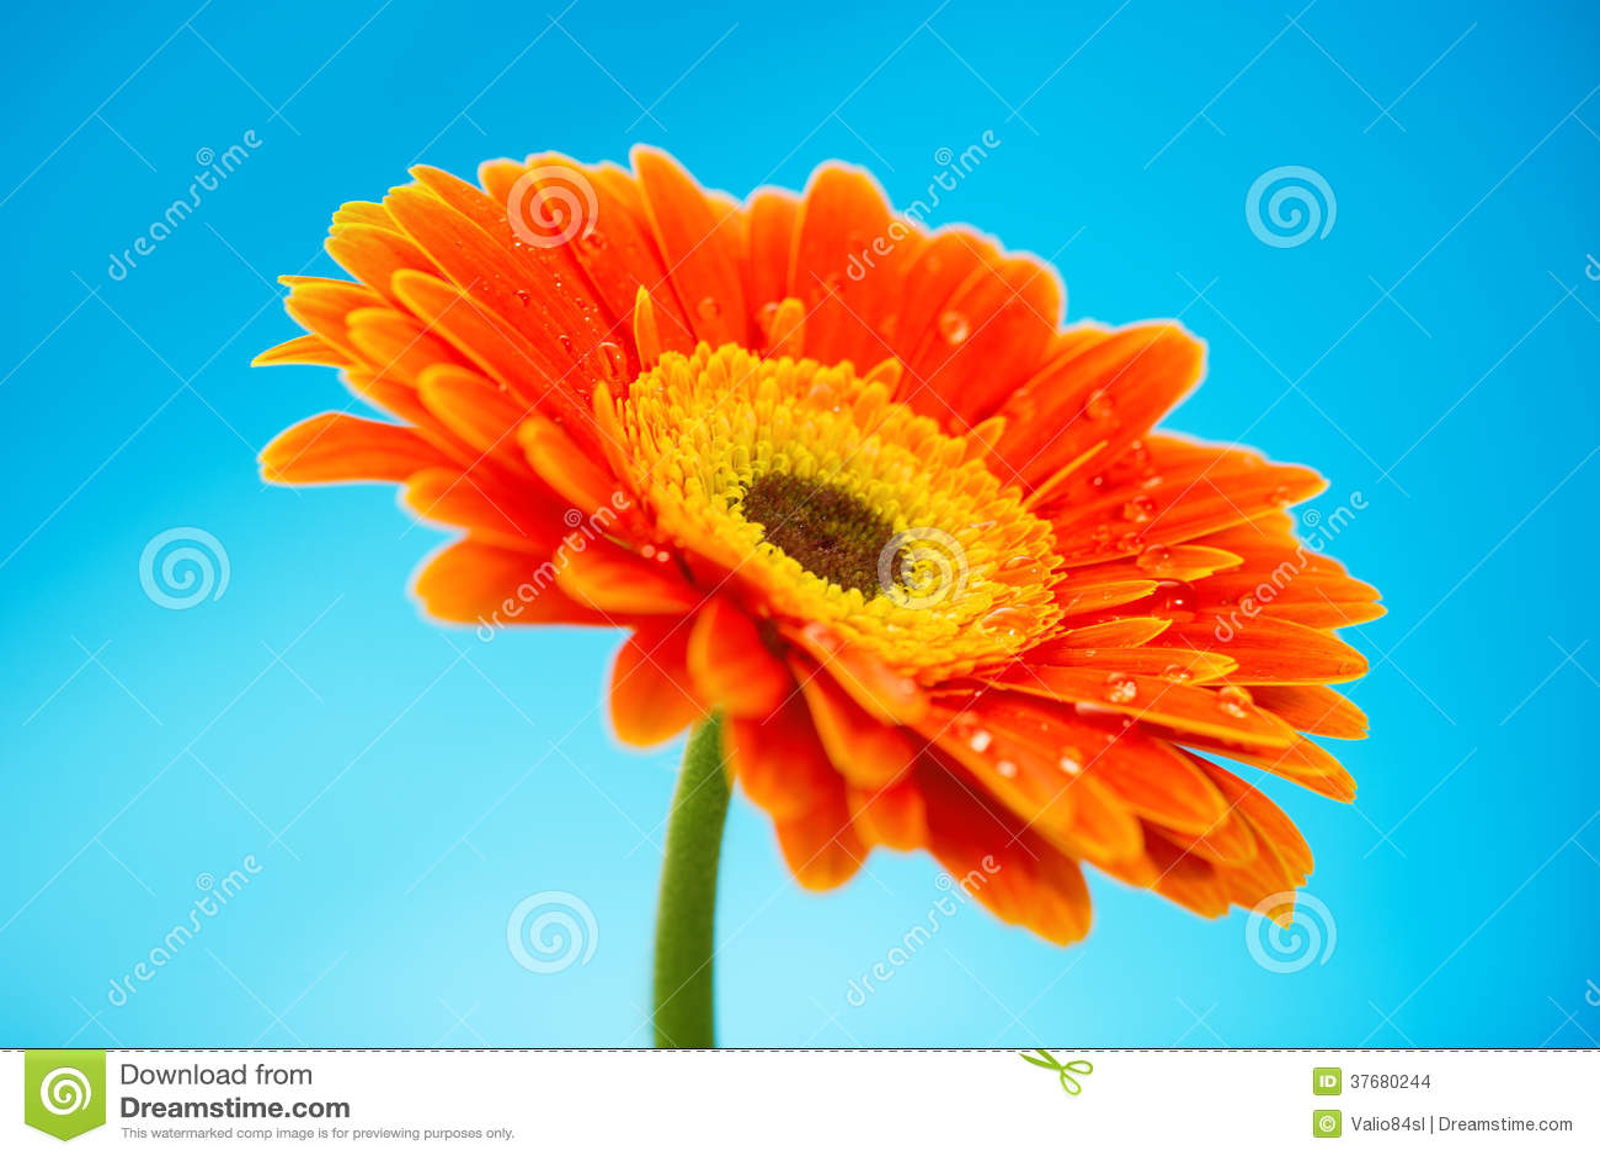 Fleur Orange De Marguerite De Gerbera Sur Le Fond Bleu Photo Stock